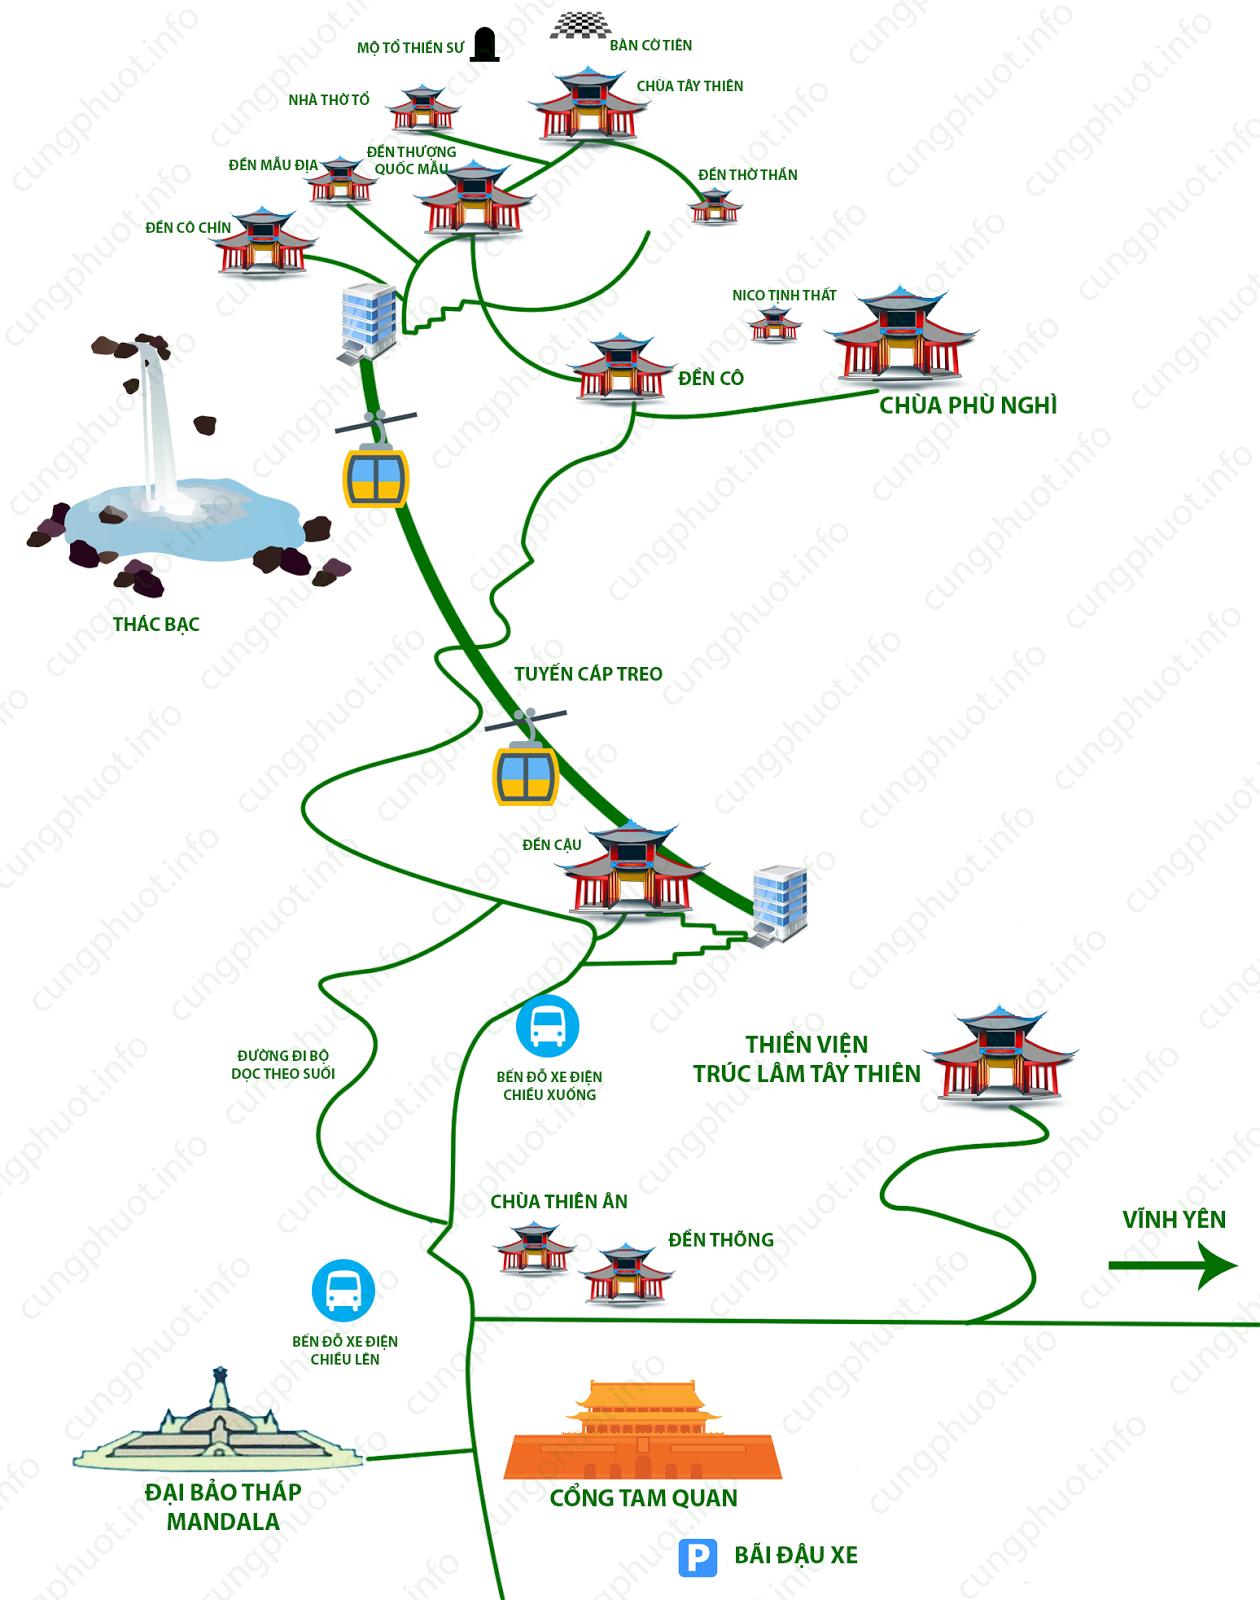 sơ đồ tuyến điểm du lịch Tây Thiên Tam Đảo